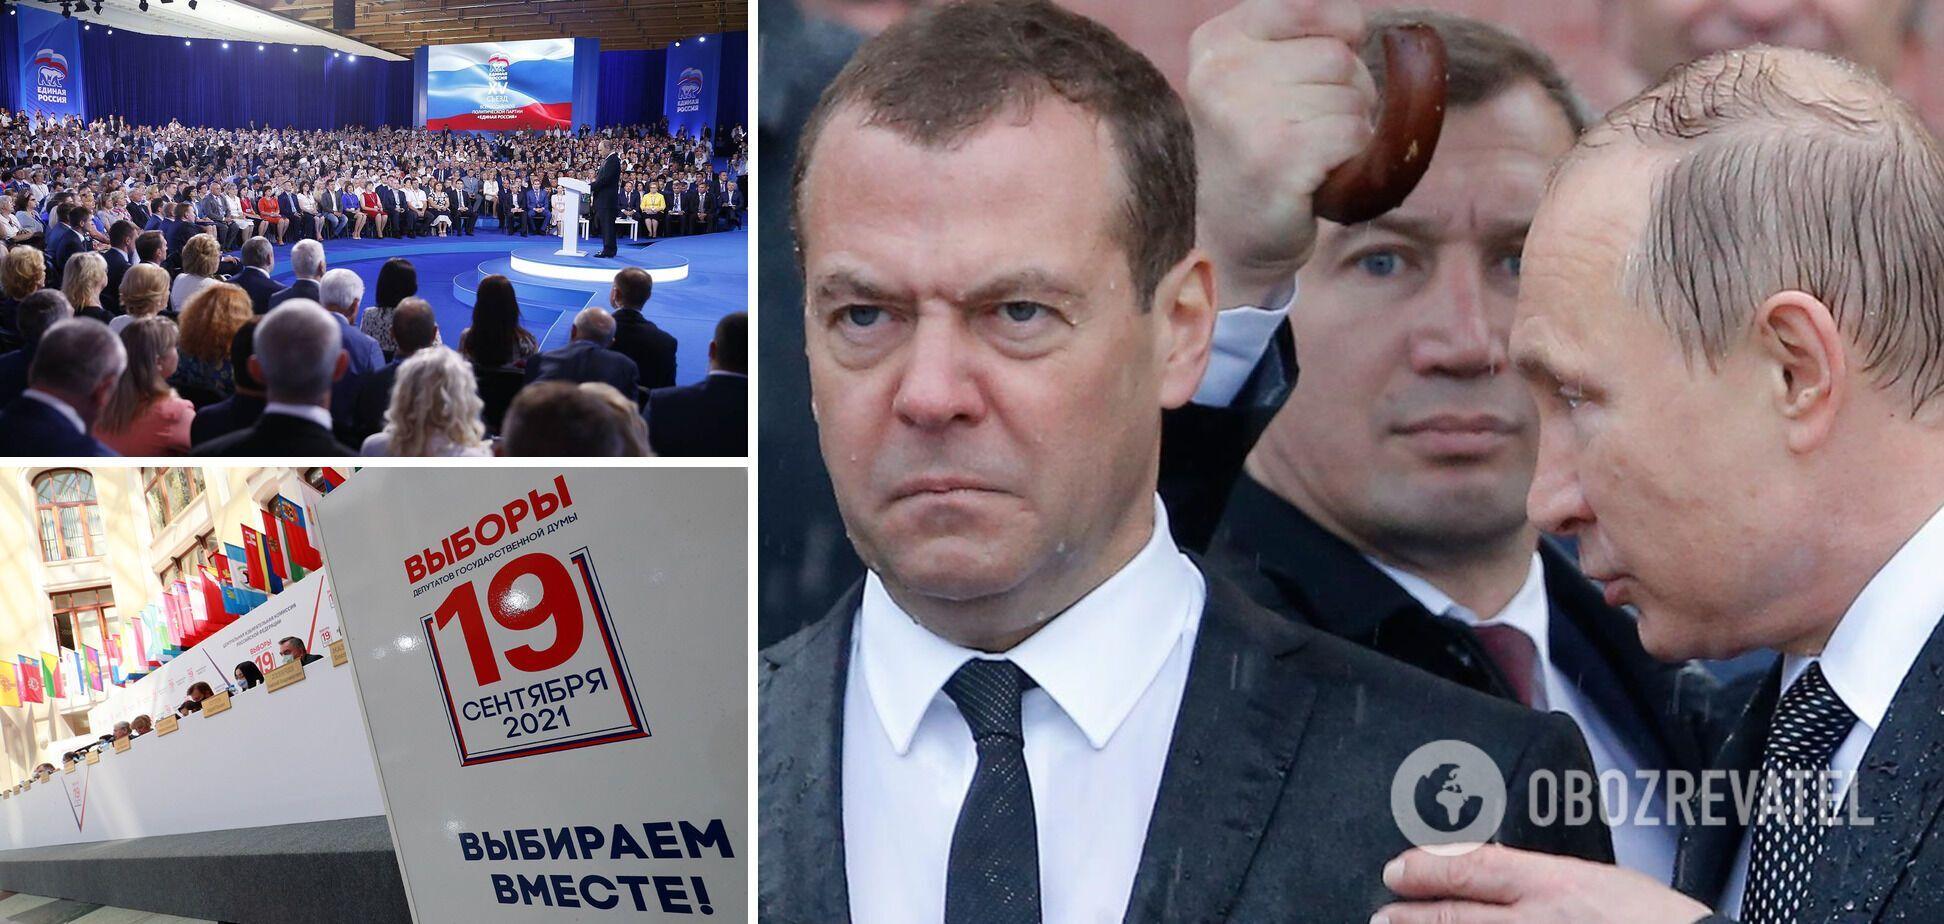 Державна Дума – не місце для дискусій, або Путінська Росія без Медведєва?!